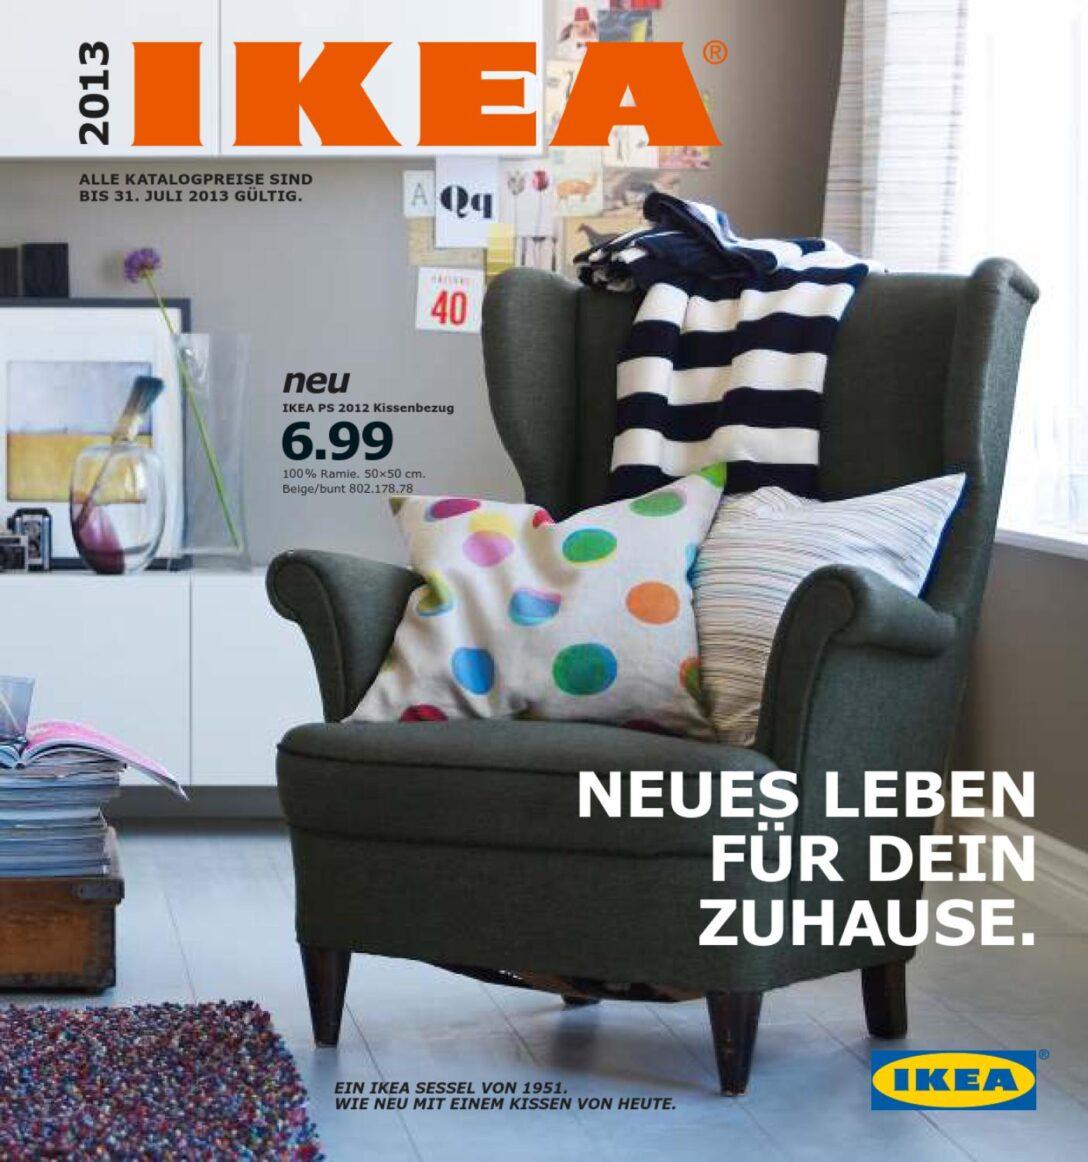 Large Size of Liegestuhl Klappbar Ikea Deutschland Katalog 2013 By Promoprospektede Sofa Mit Schlaffunktion Miniküche Garten Ausklappbares Bett Betten Bei 160x200 Küche Wohnzimmer Liegestuhl Klappbar Ikea